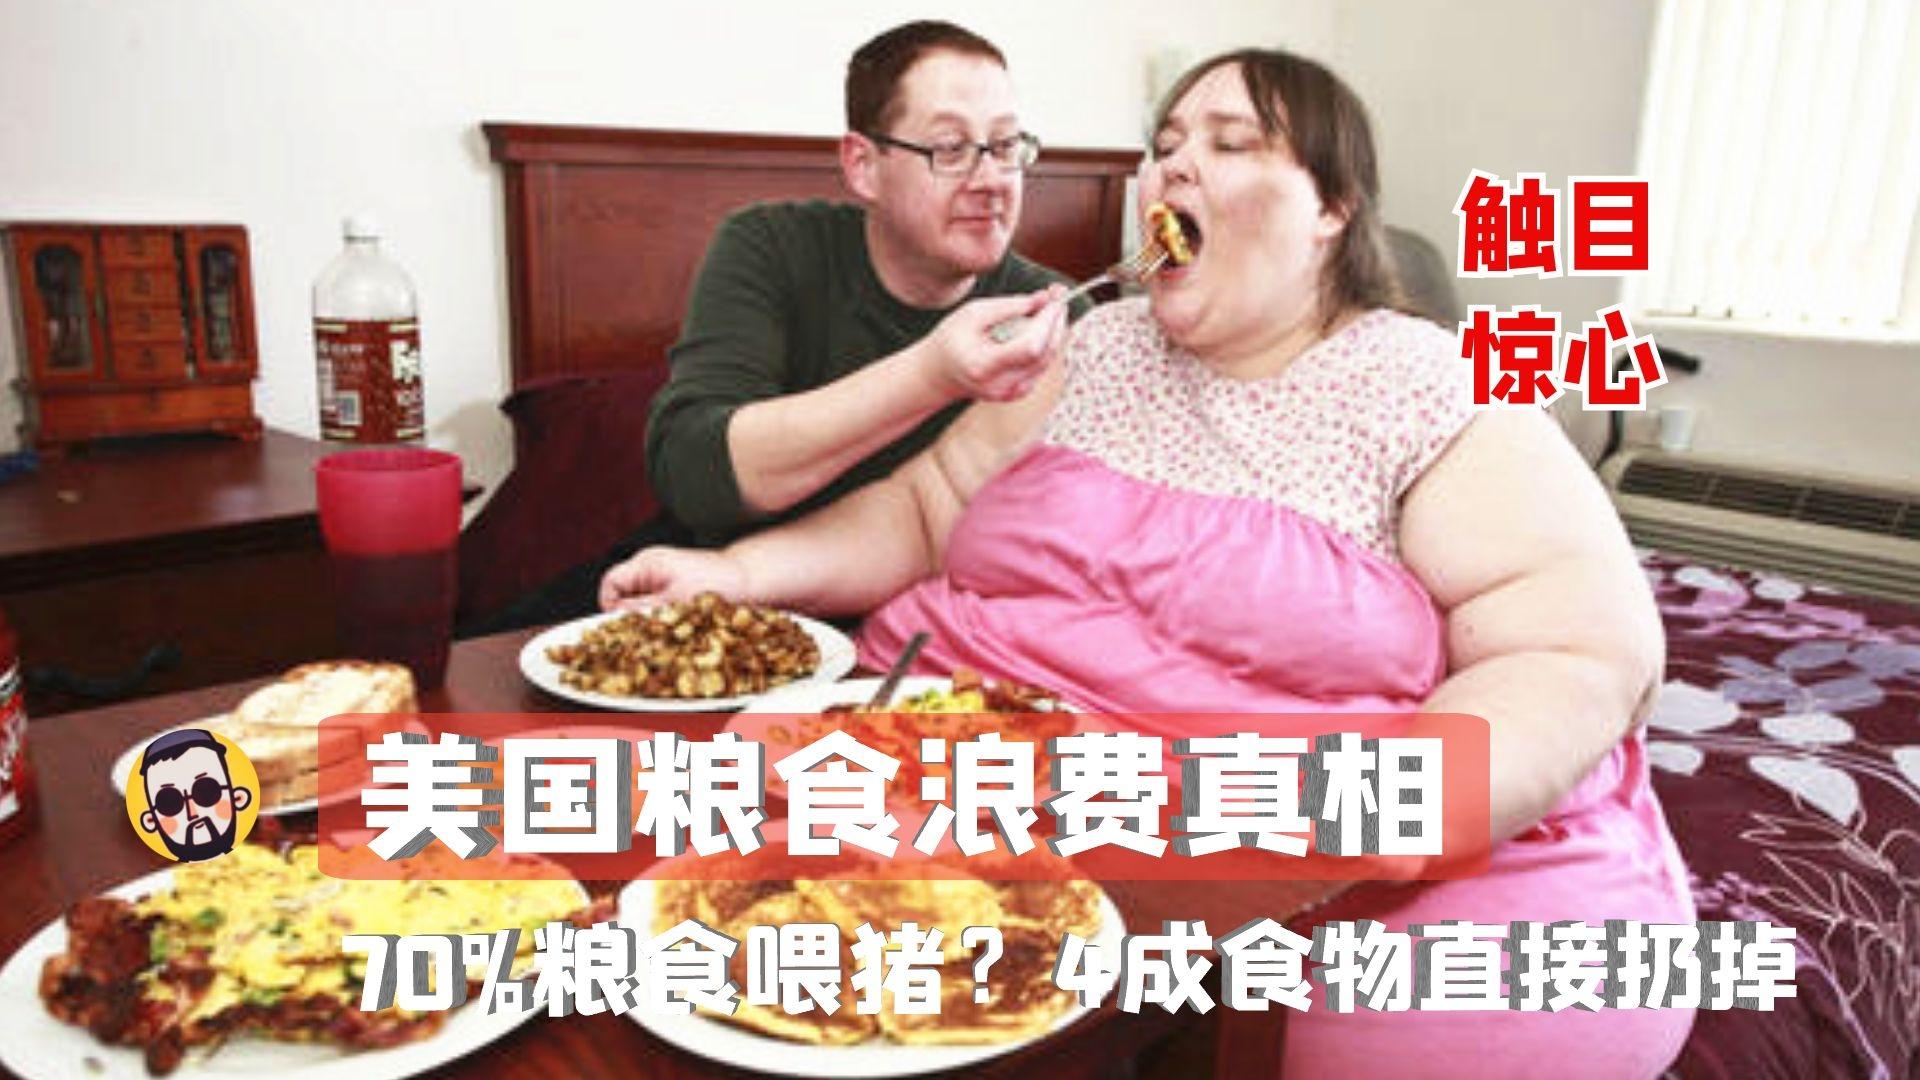 美国食物浪费恐怖真相:70%粮食拿去喂猪?全球75亿人,8亿穷人在挨饿